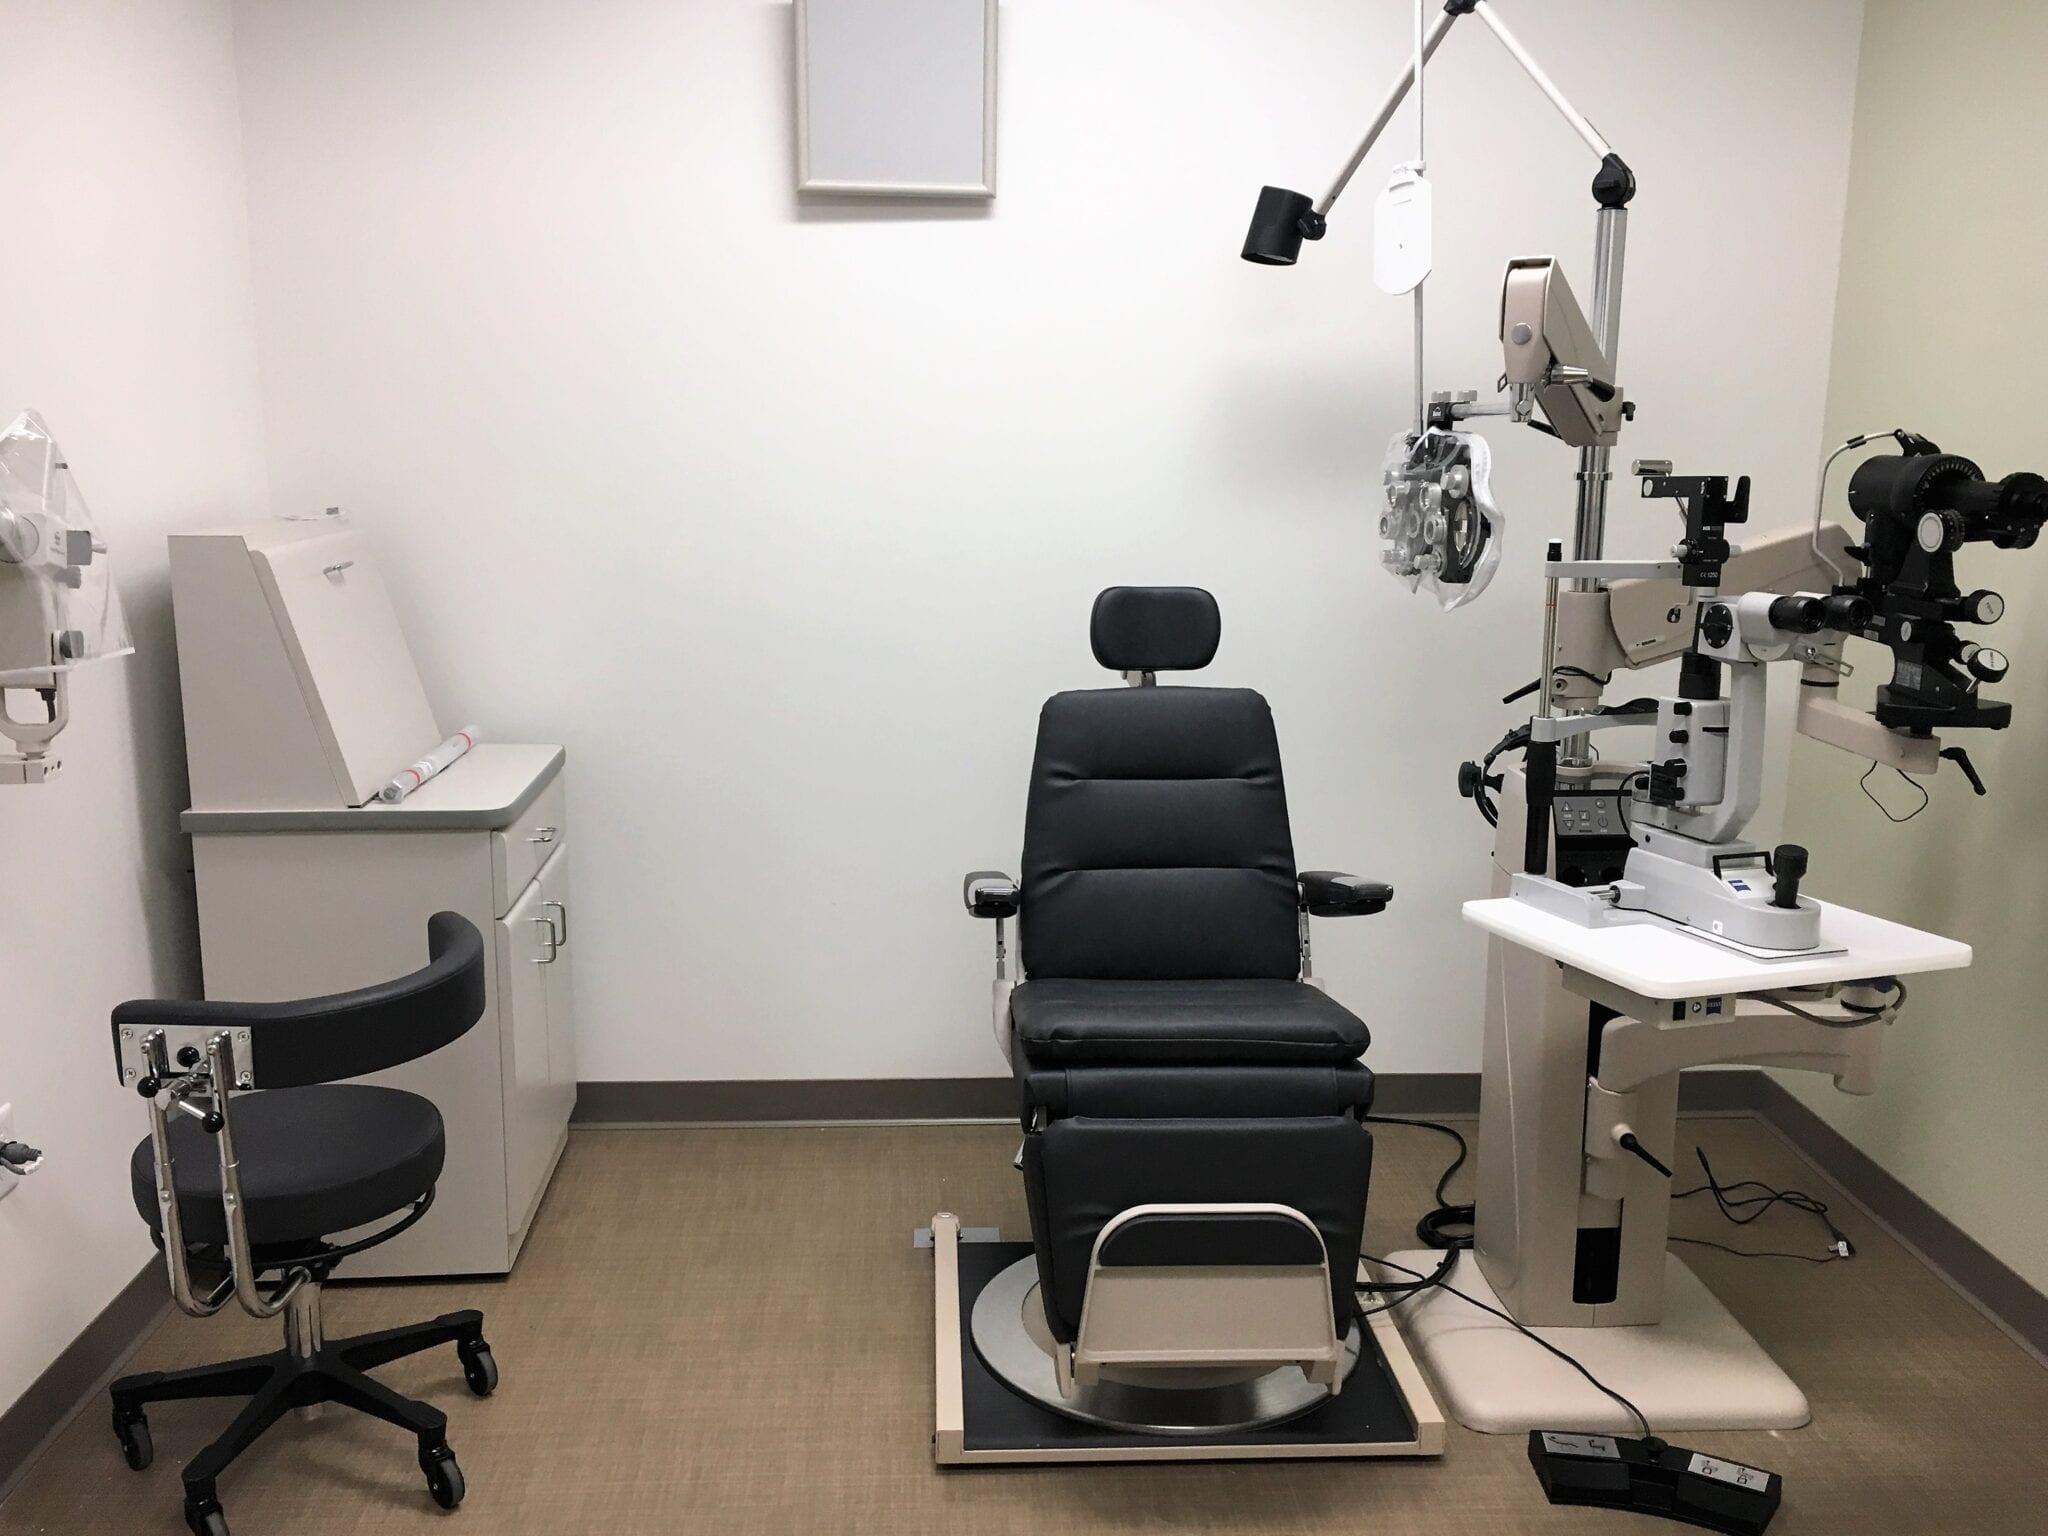 va clinic eye exam room